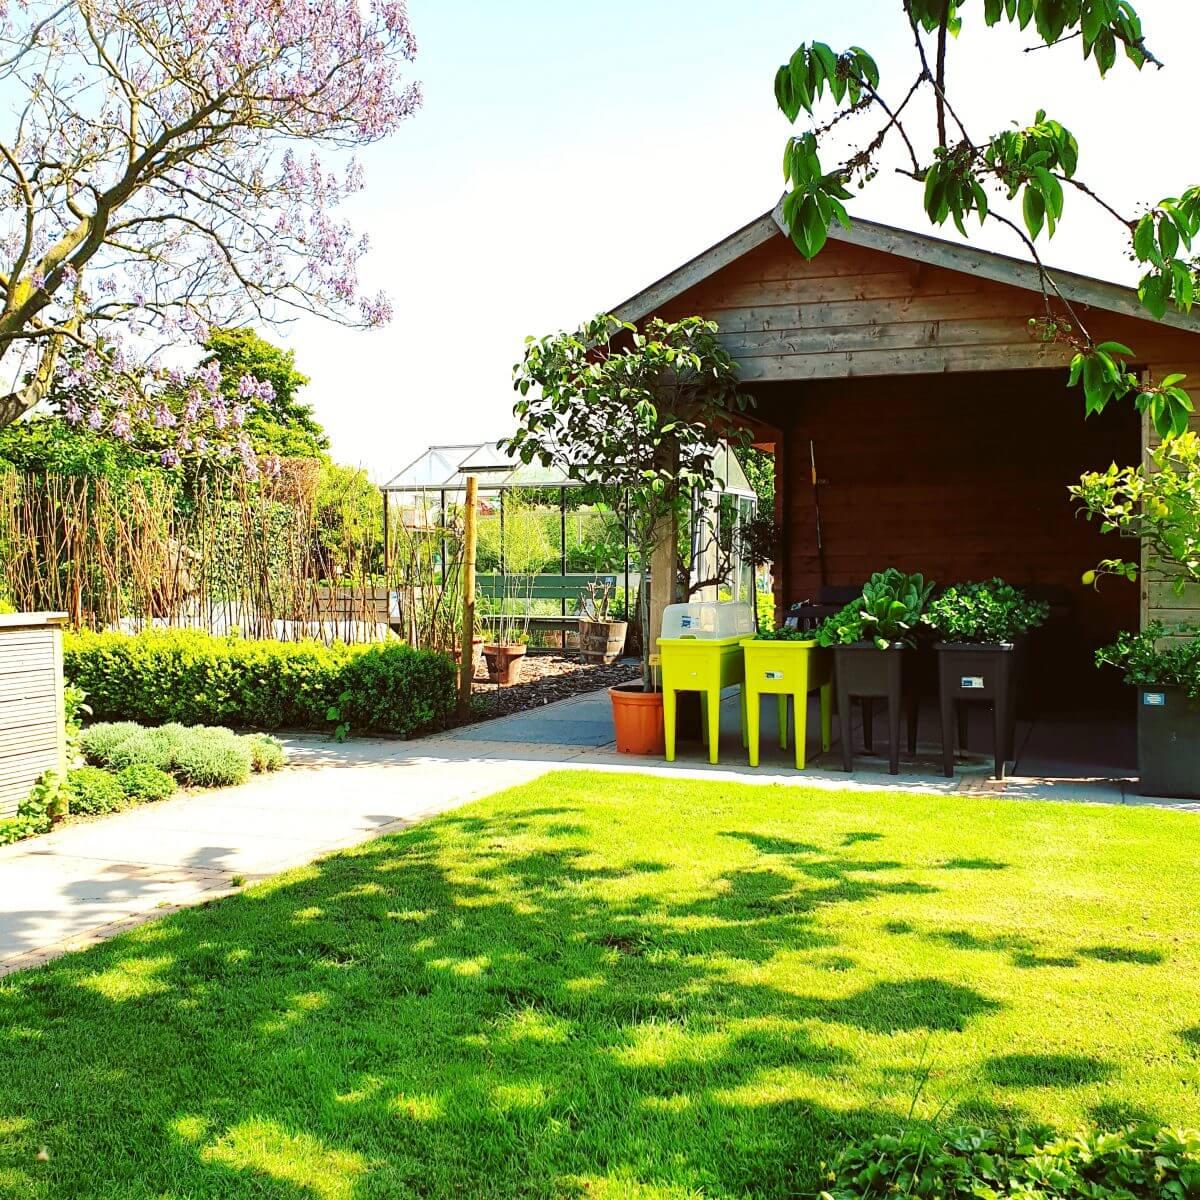 tuinhuisje in de moestuin